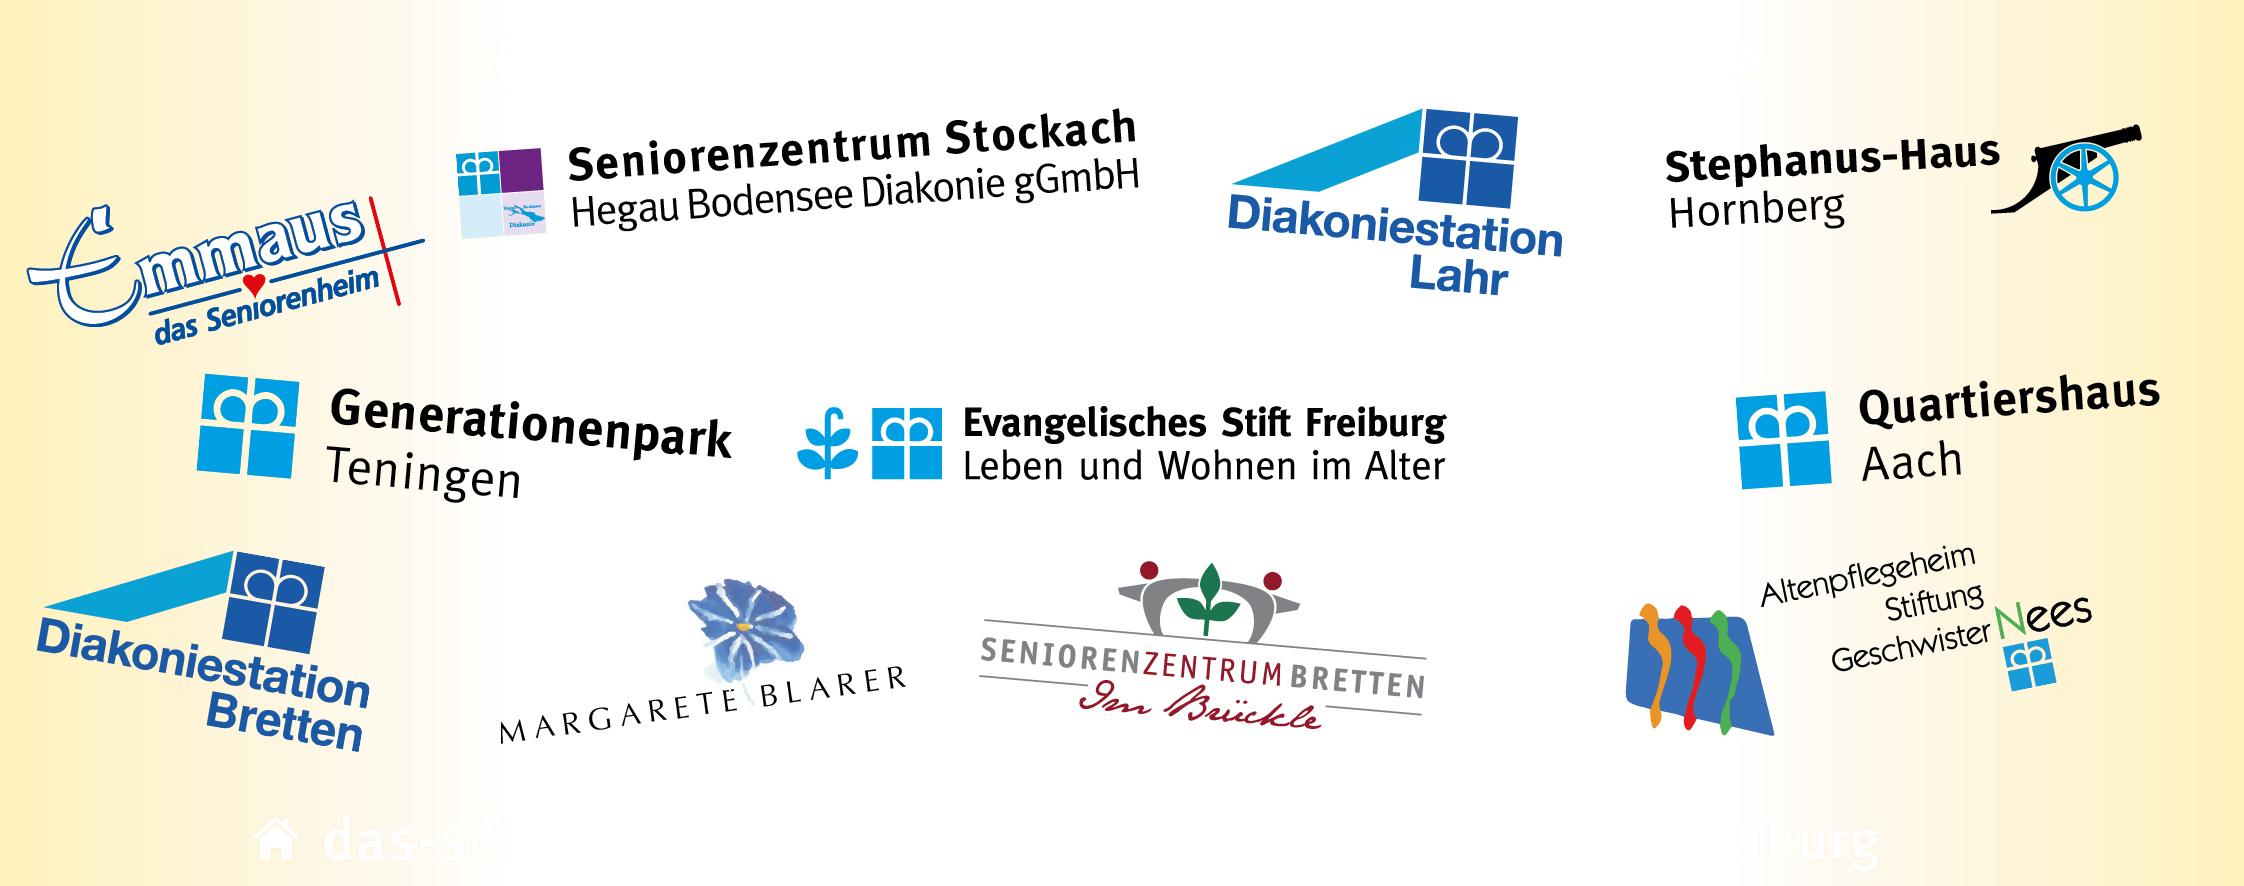 Das Seniorenzentrum Stockach ist Teil des Stiftsverbunds des Evangelischen Stift Freiburg